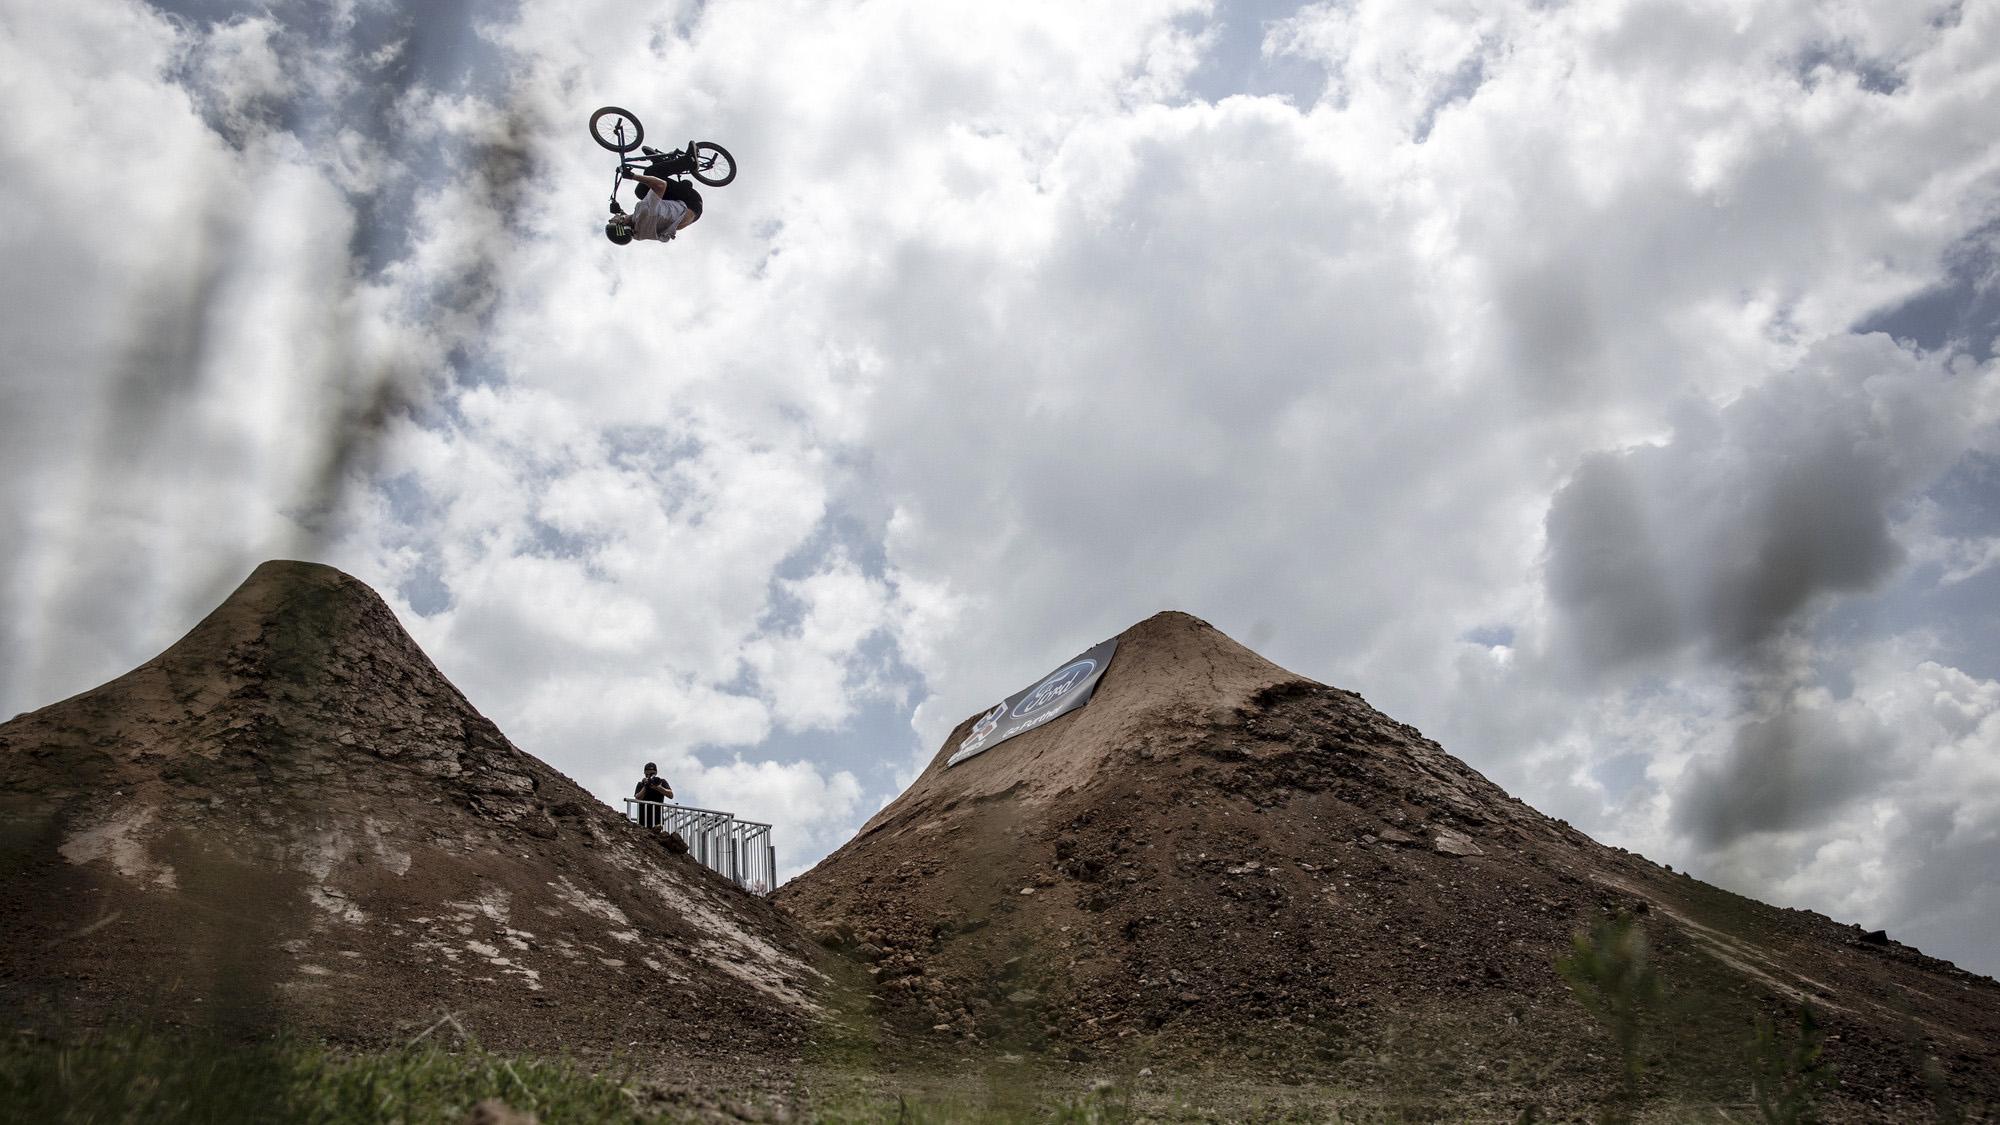 Kyle Baldock vence o BMX Dirt